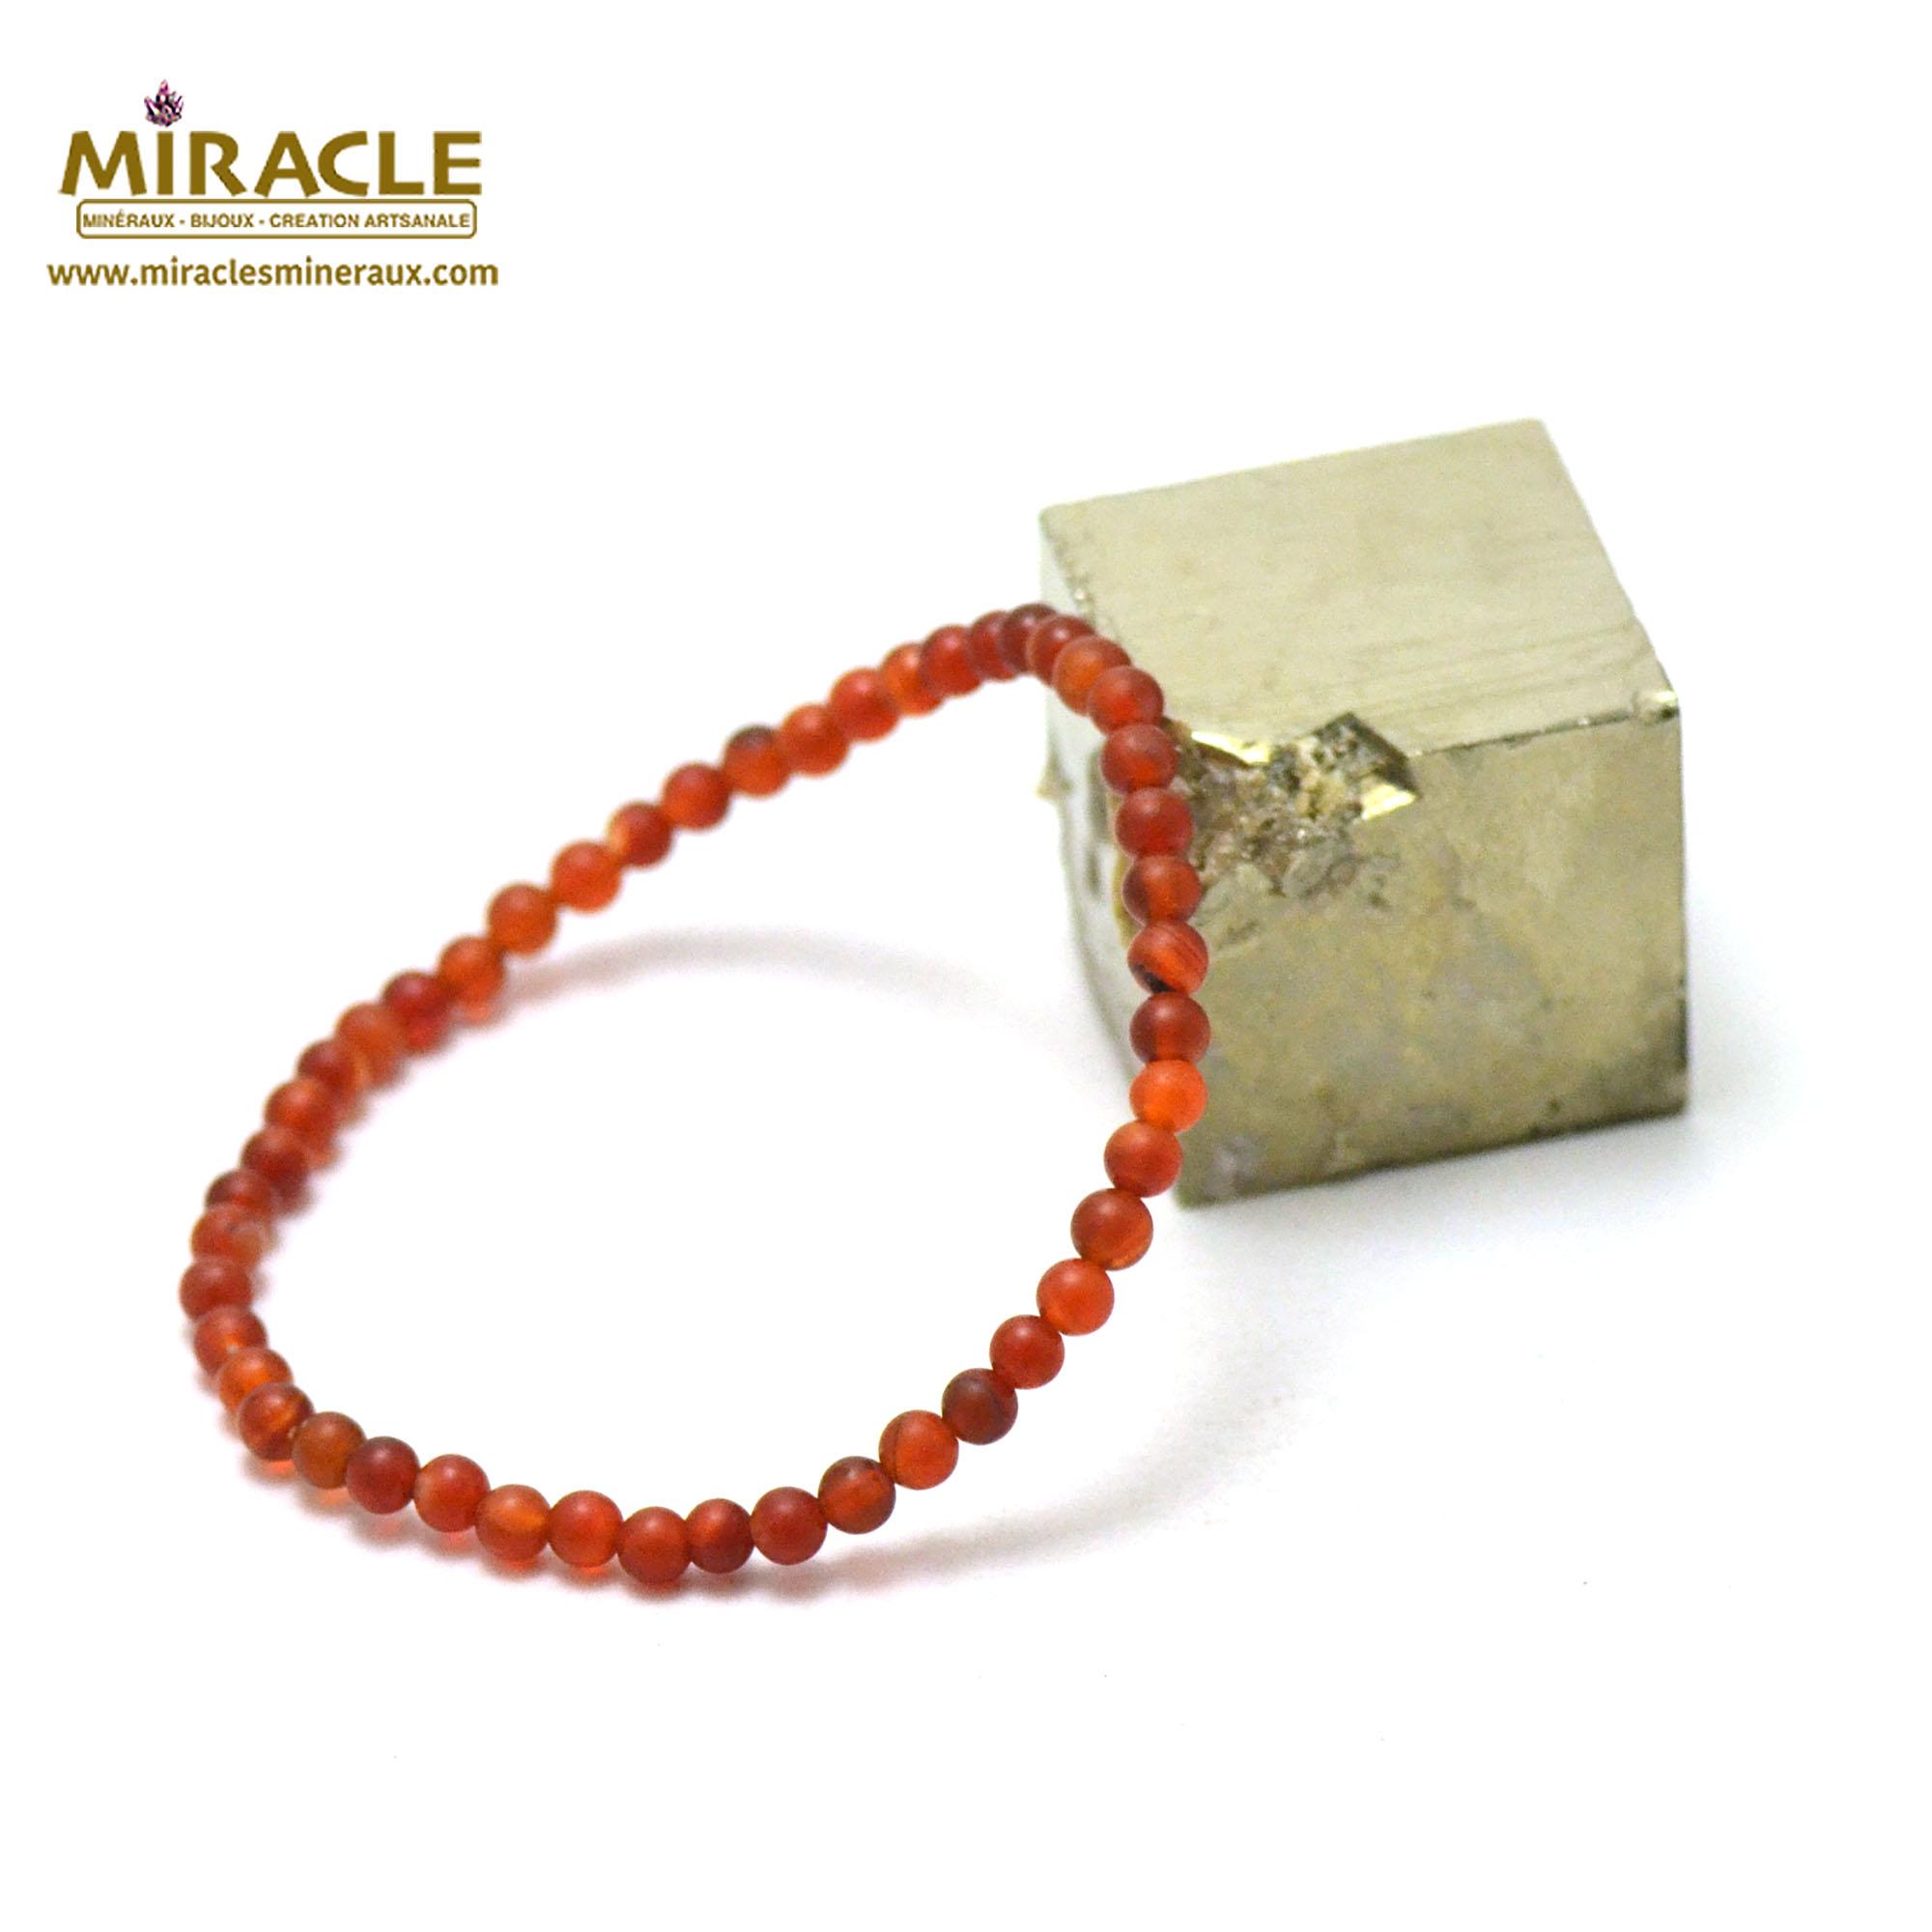 Bracelet cornaline givré perle mat ronde 4 mm